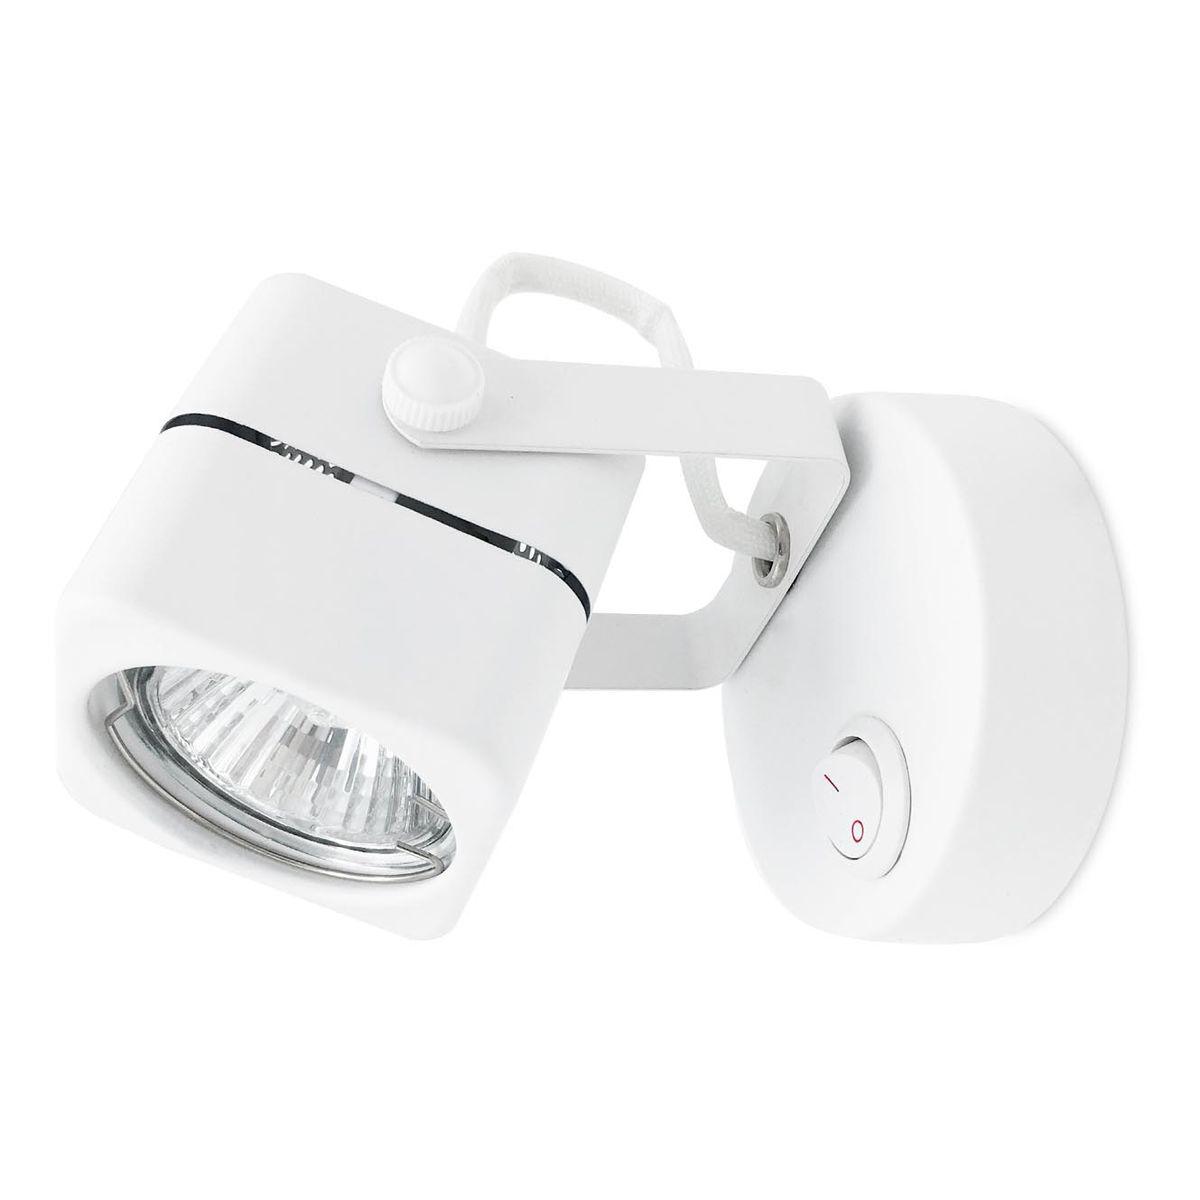 спот spot light 2404428 Спот Ambrella light TA108 Techno Spot